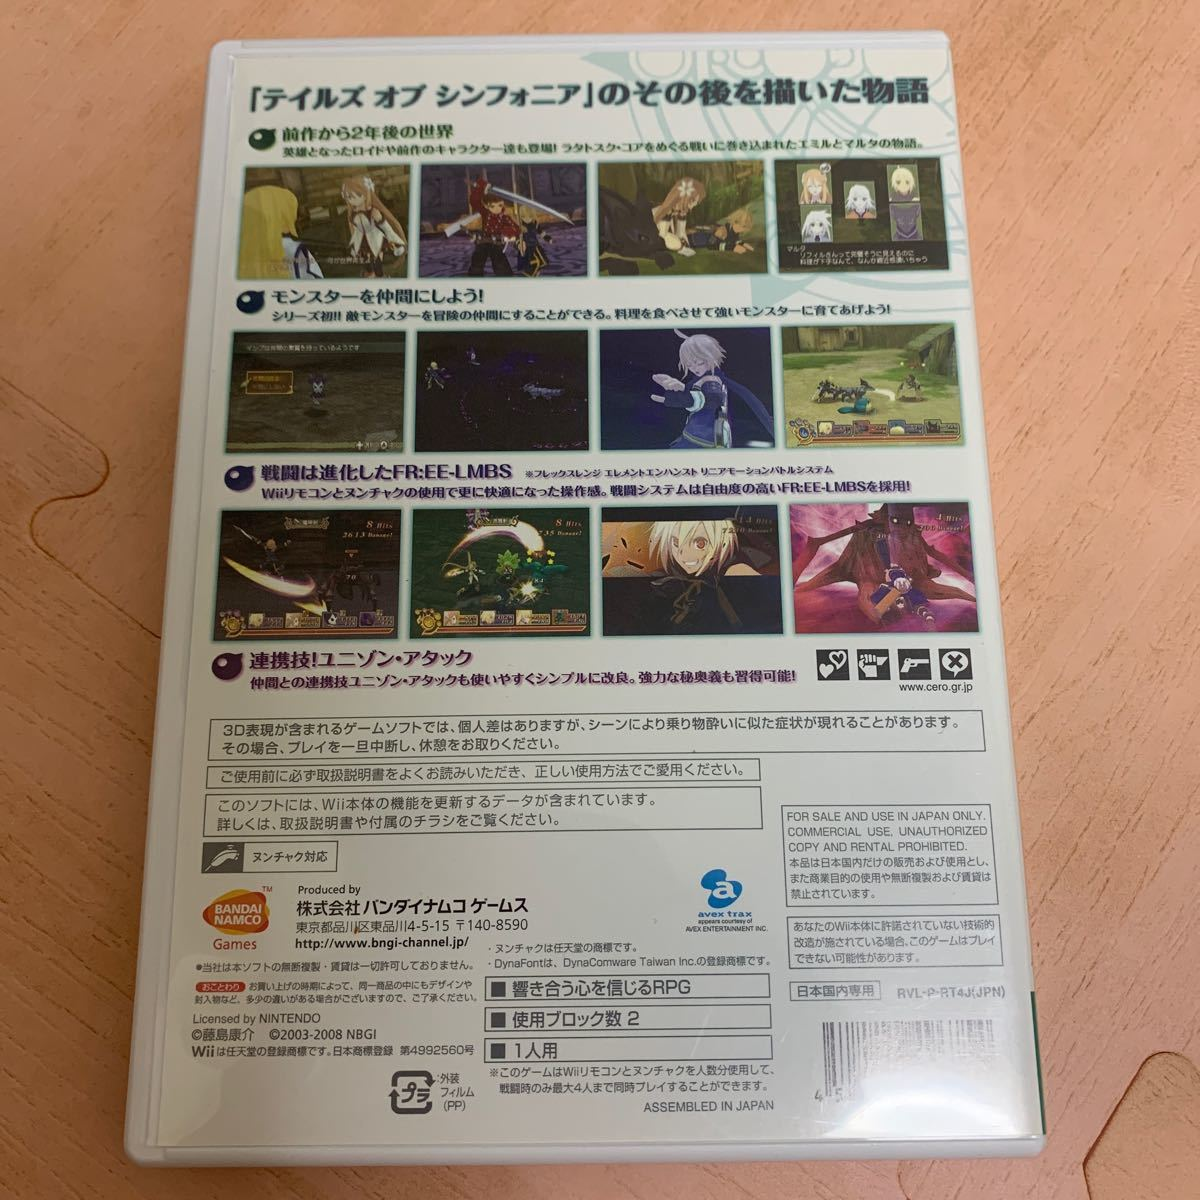 【Wii】 テイルズ オブ シンフォニア -ラタトスクの騎士-